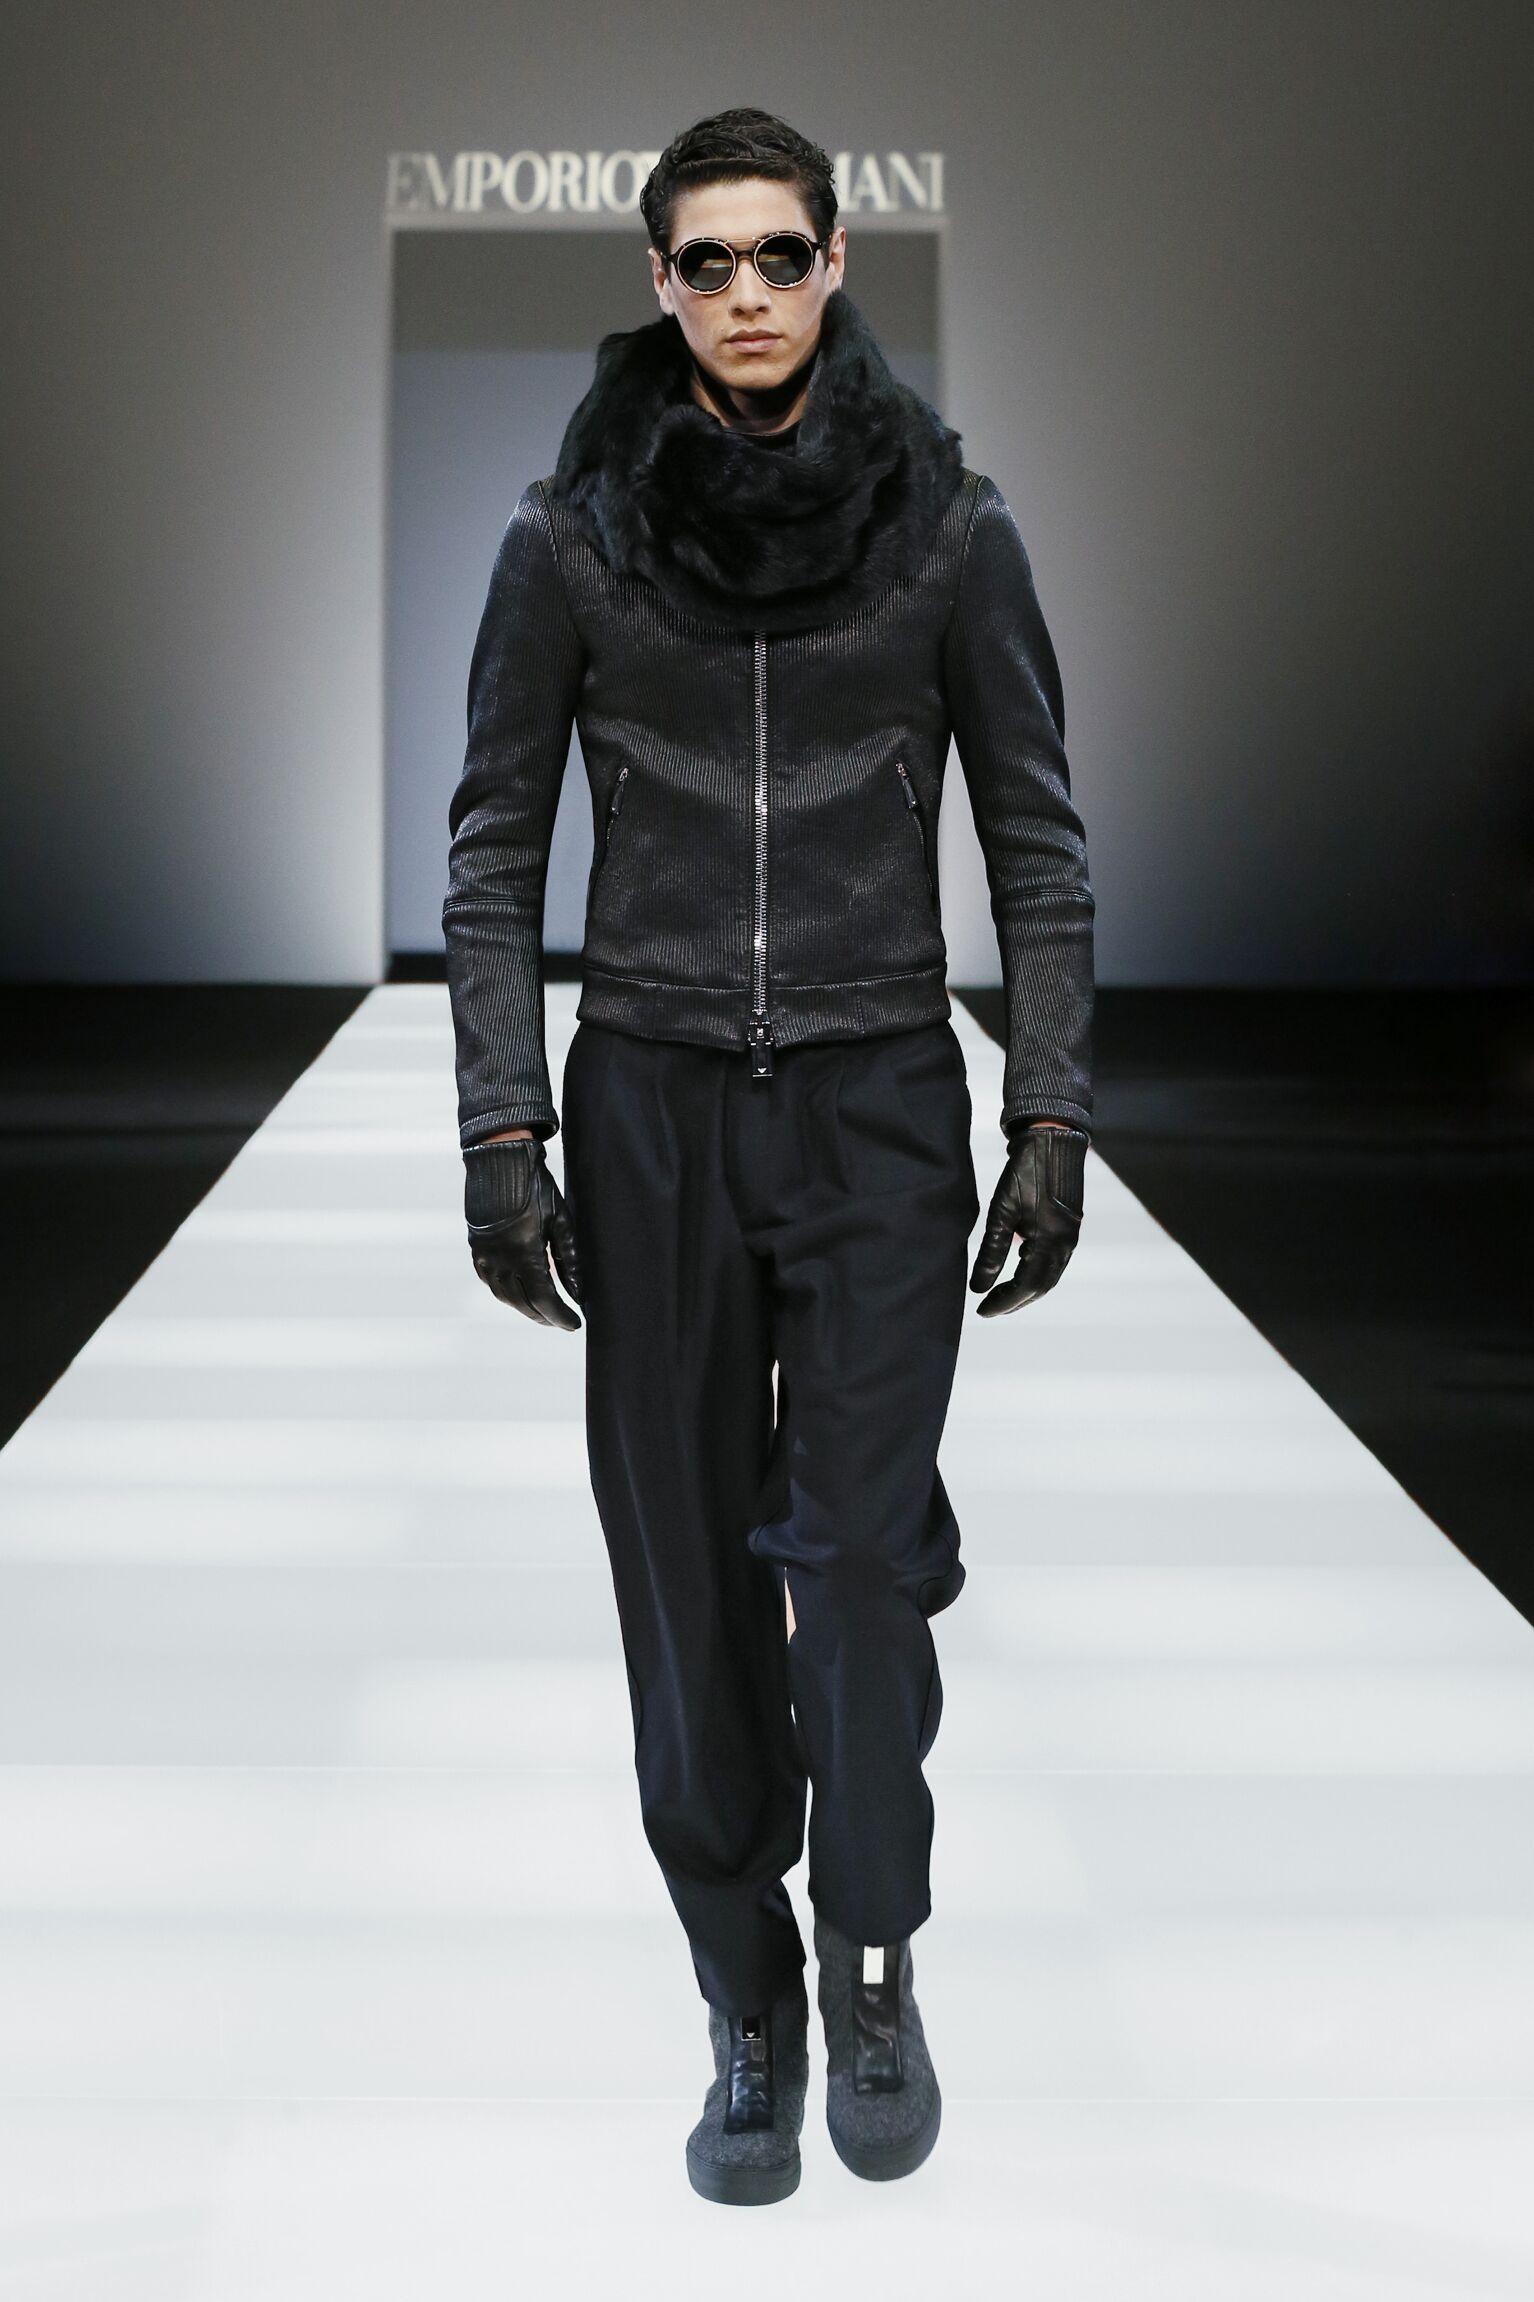 Emporio Armani Collection Fashion Trends